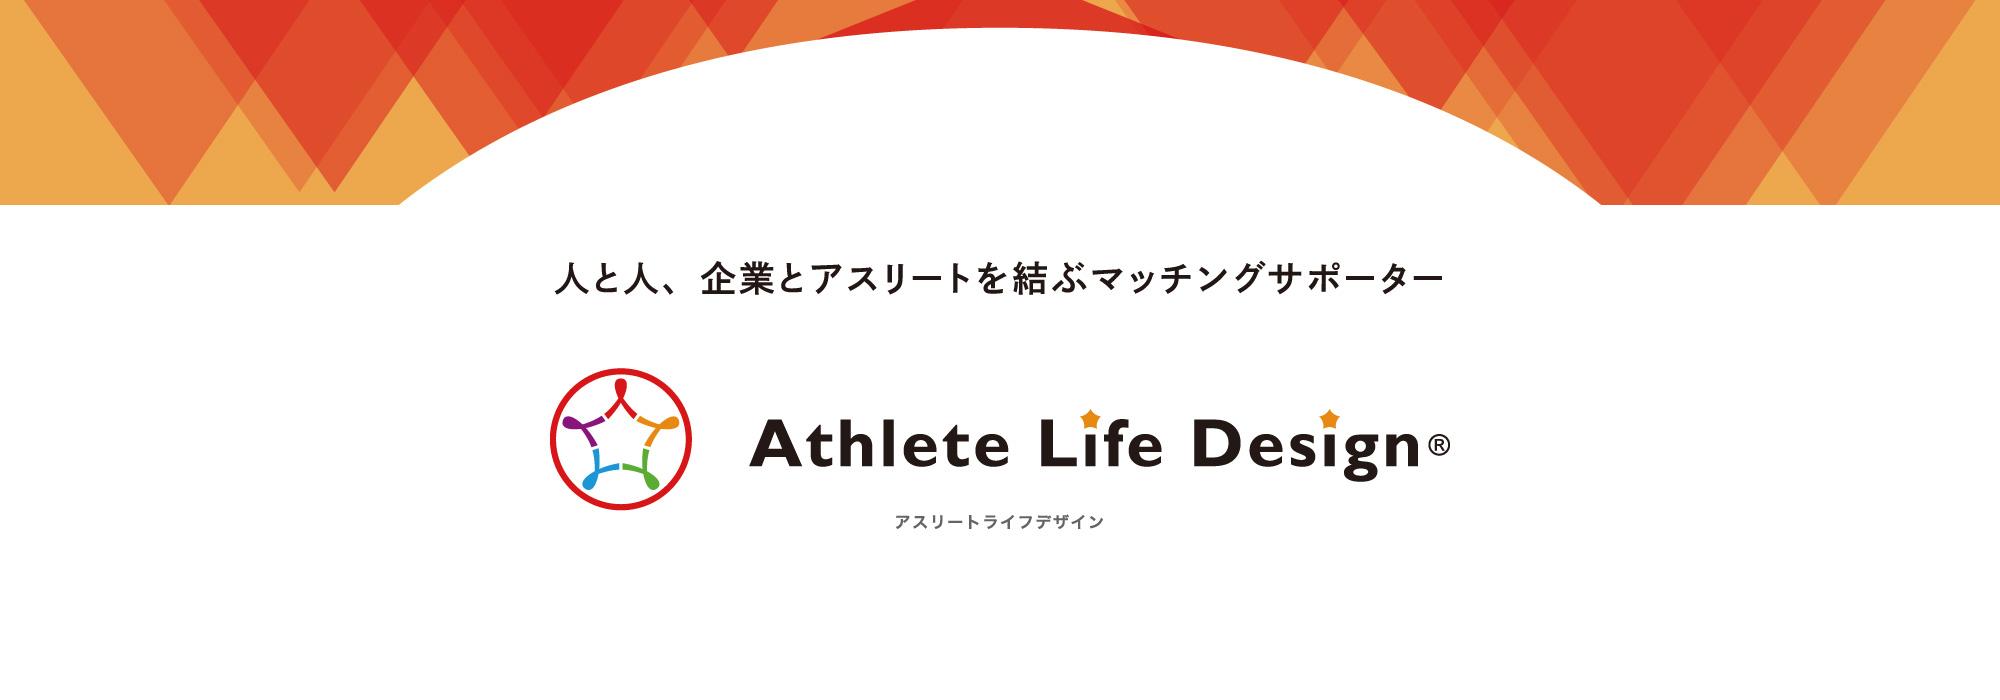 人と人、企業とアスリートを結ぶマッチングサポーター Athlete Life Design アスリートライフデザイン